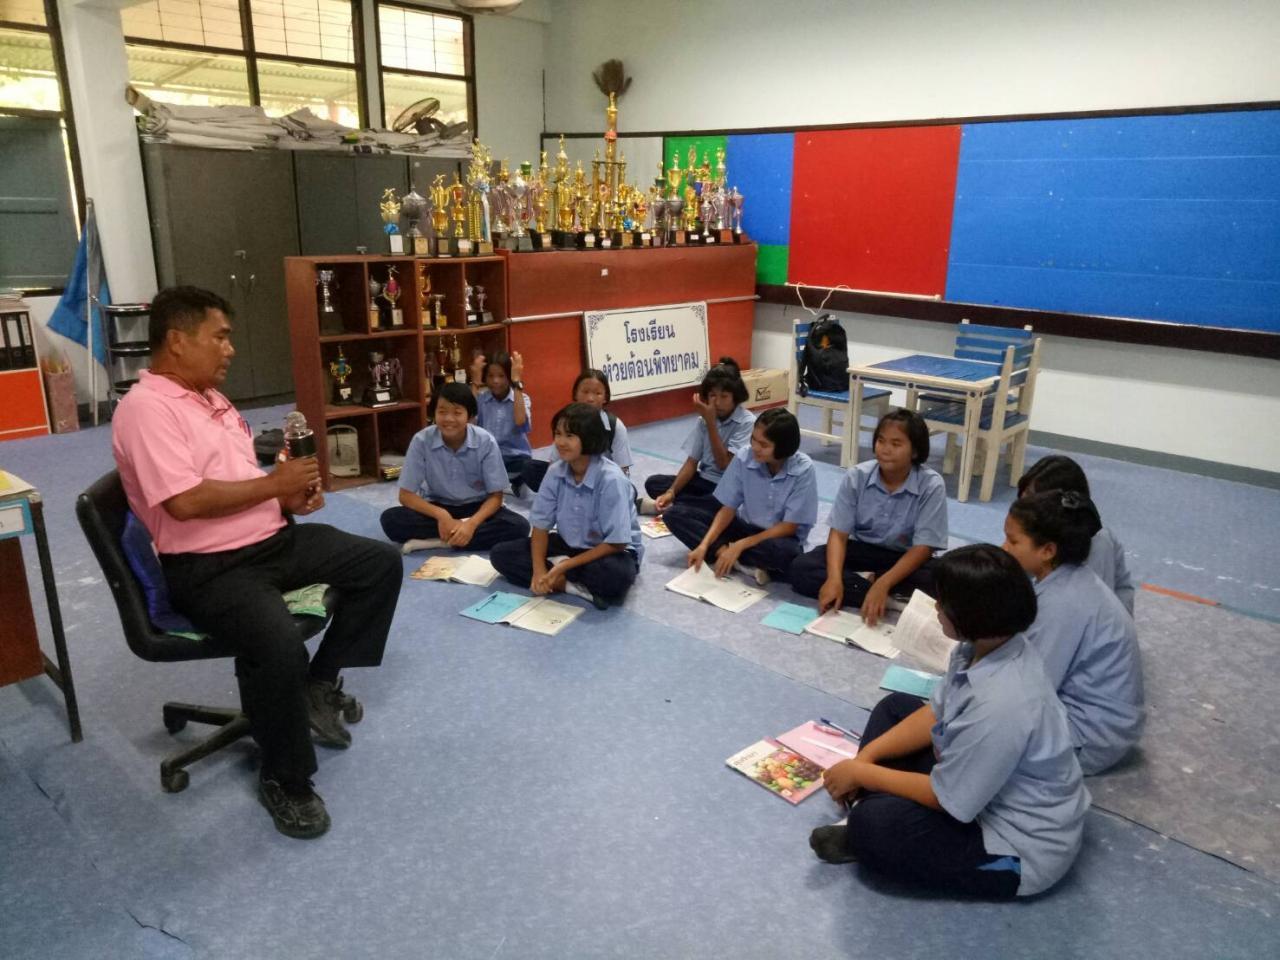 ครูหมีกำลังสอนนักเรียนที่โรงเรียน